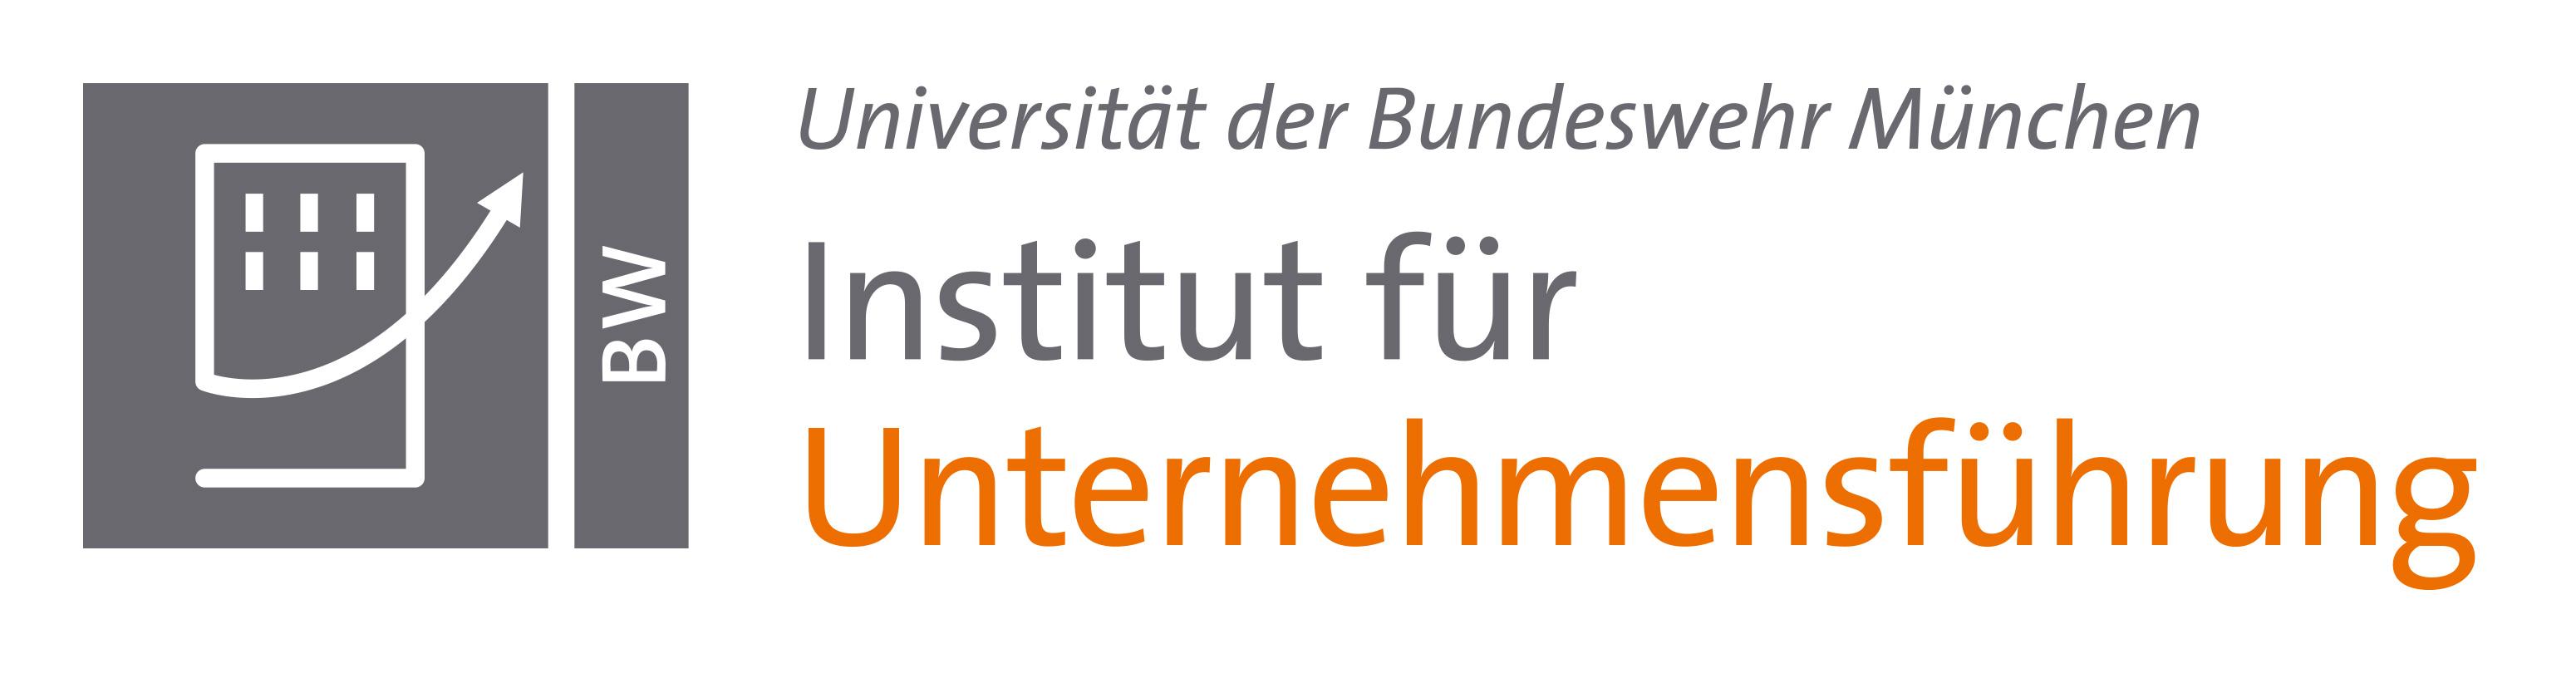 UniBwM_Unternehmensfuehrung.jpg